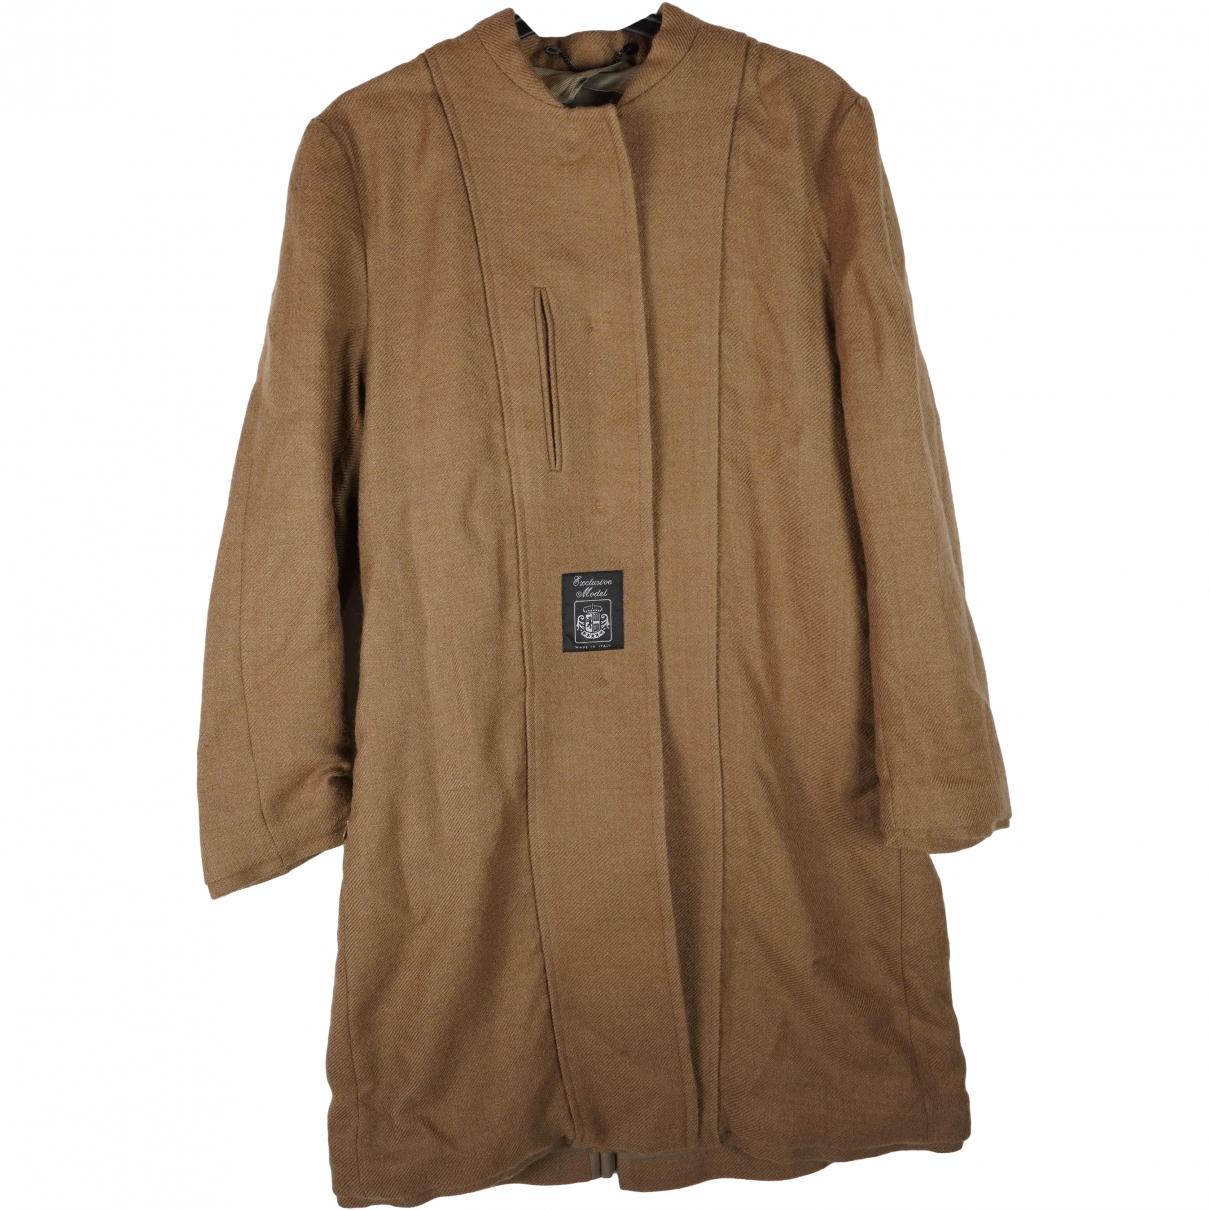 Maison Martin Margiela \N Beige Wool coat for Women 36 IT